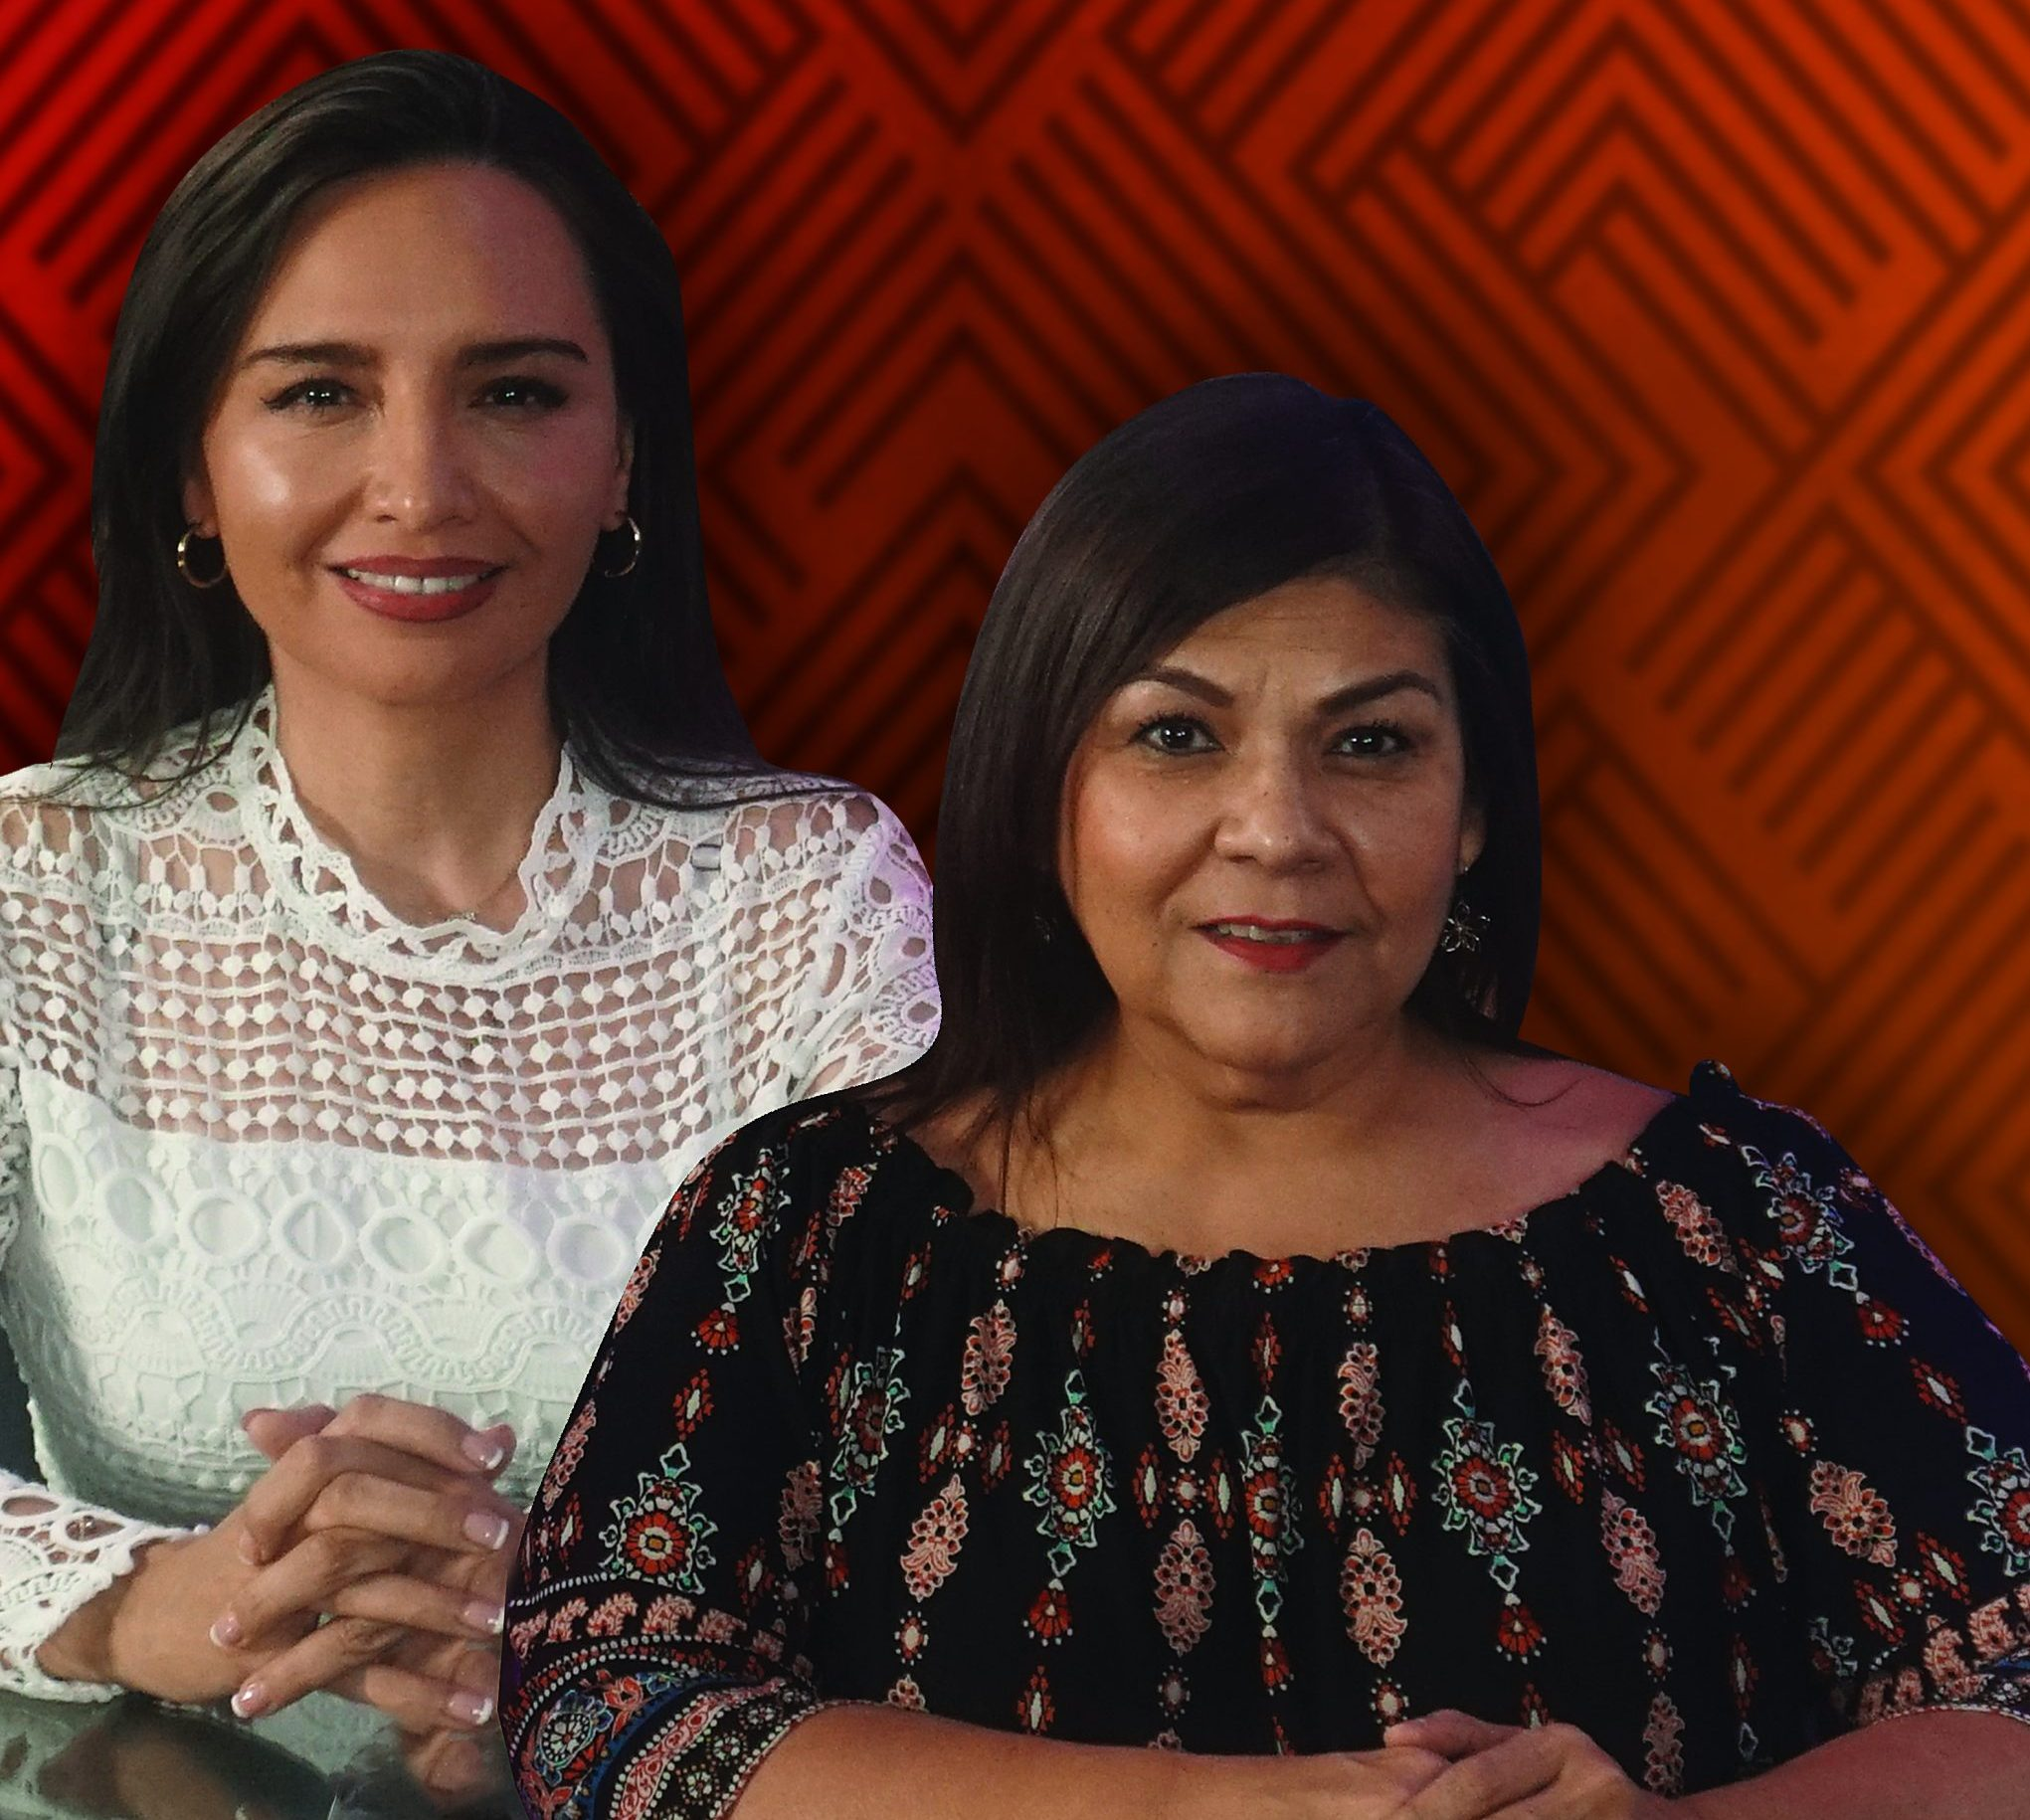 El reto del congreso: recuperar la confianza ciudadana: Natalia Rivera y Rosa Elena Trujillo